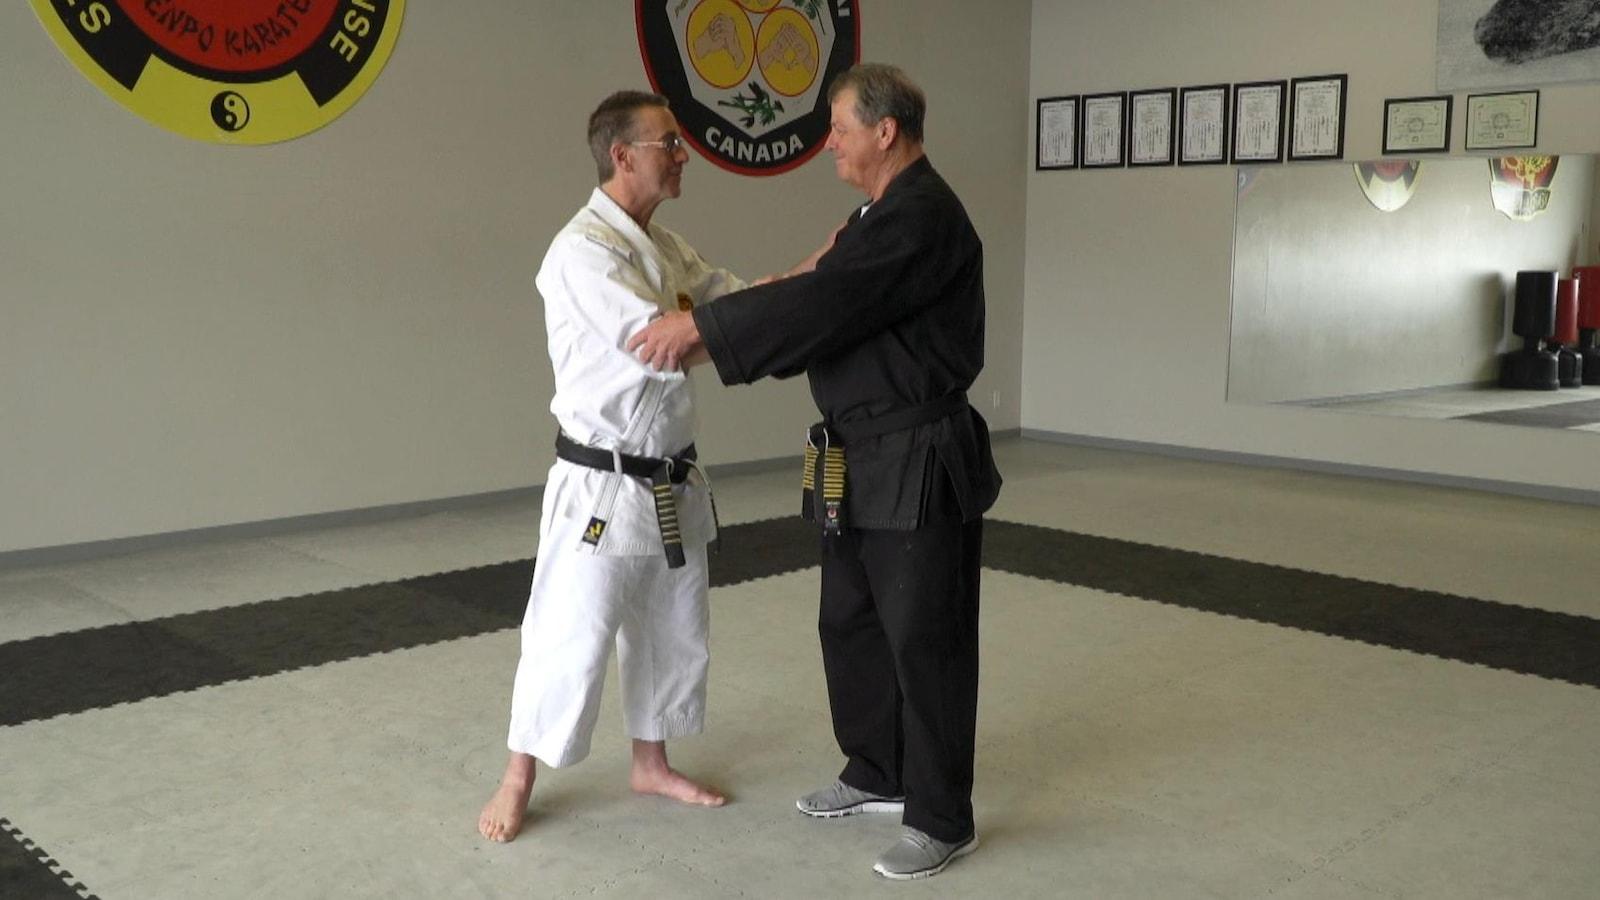 Régis Poirier  et Clermont Poulin dans un dojo de karate